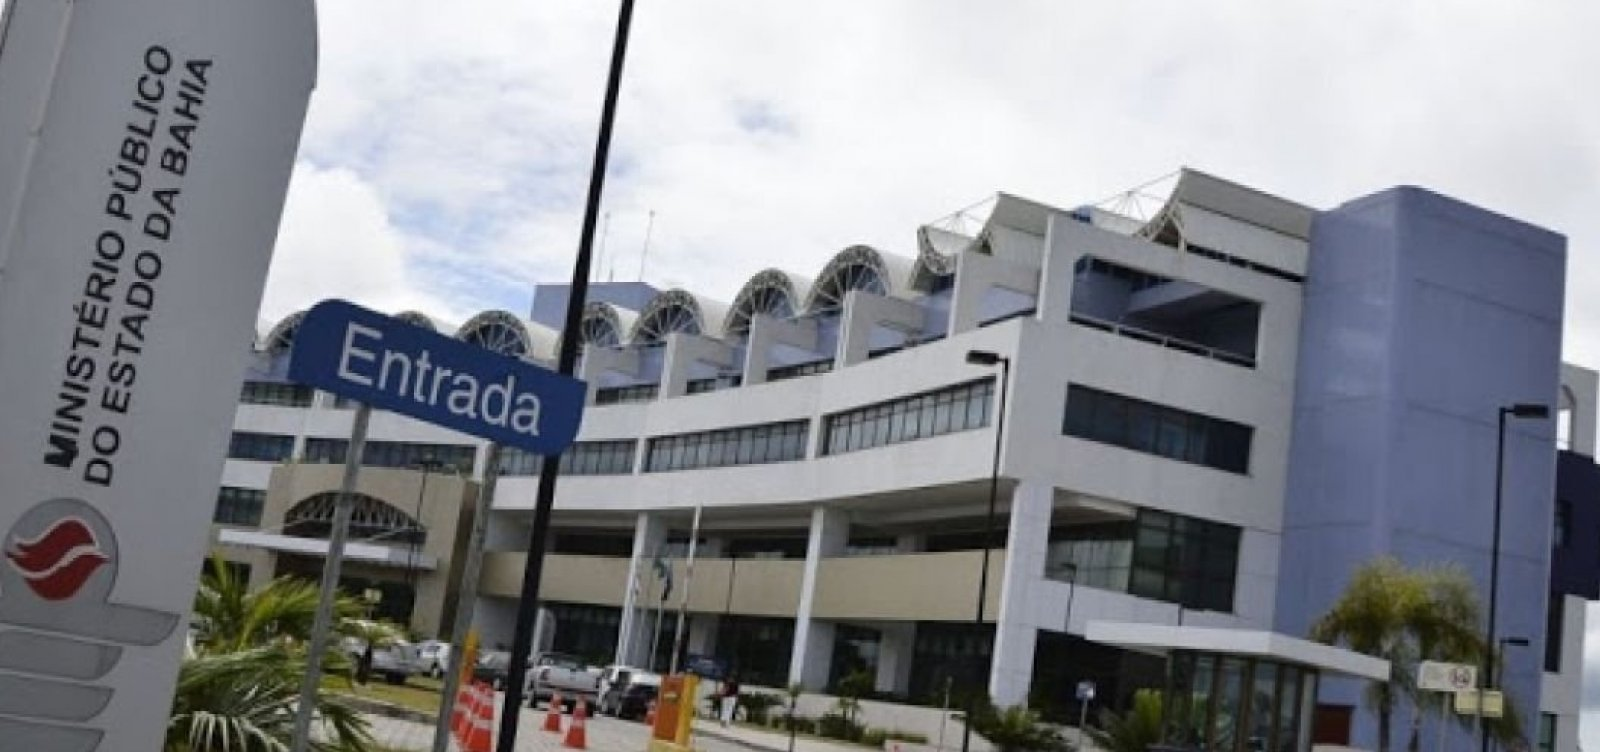 MP denuncia cinco pessoas por suspeita de envolvimento em fraudes na Justiça baiana